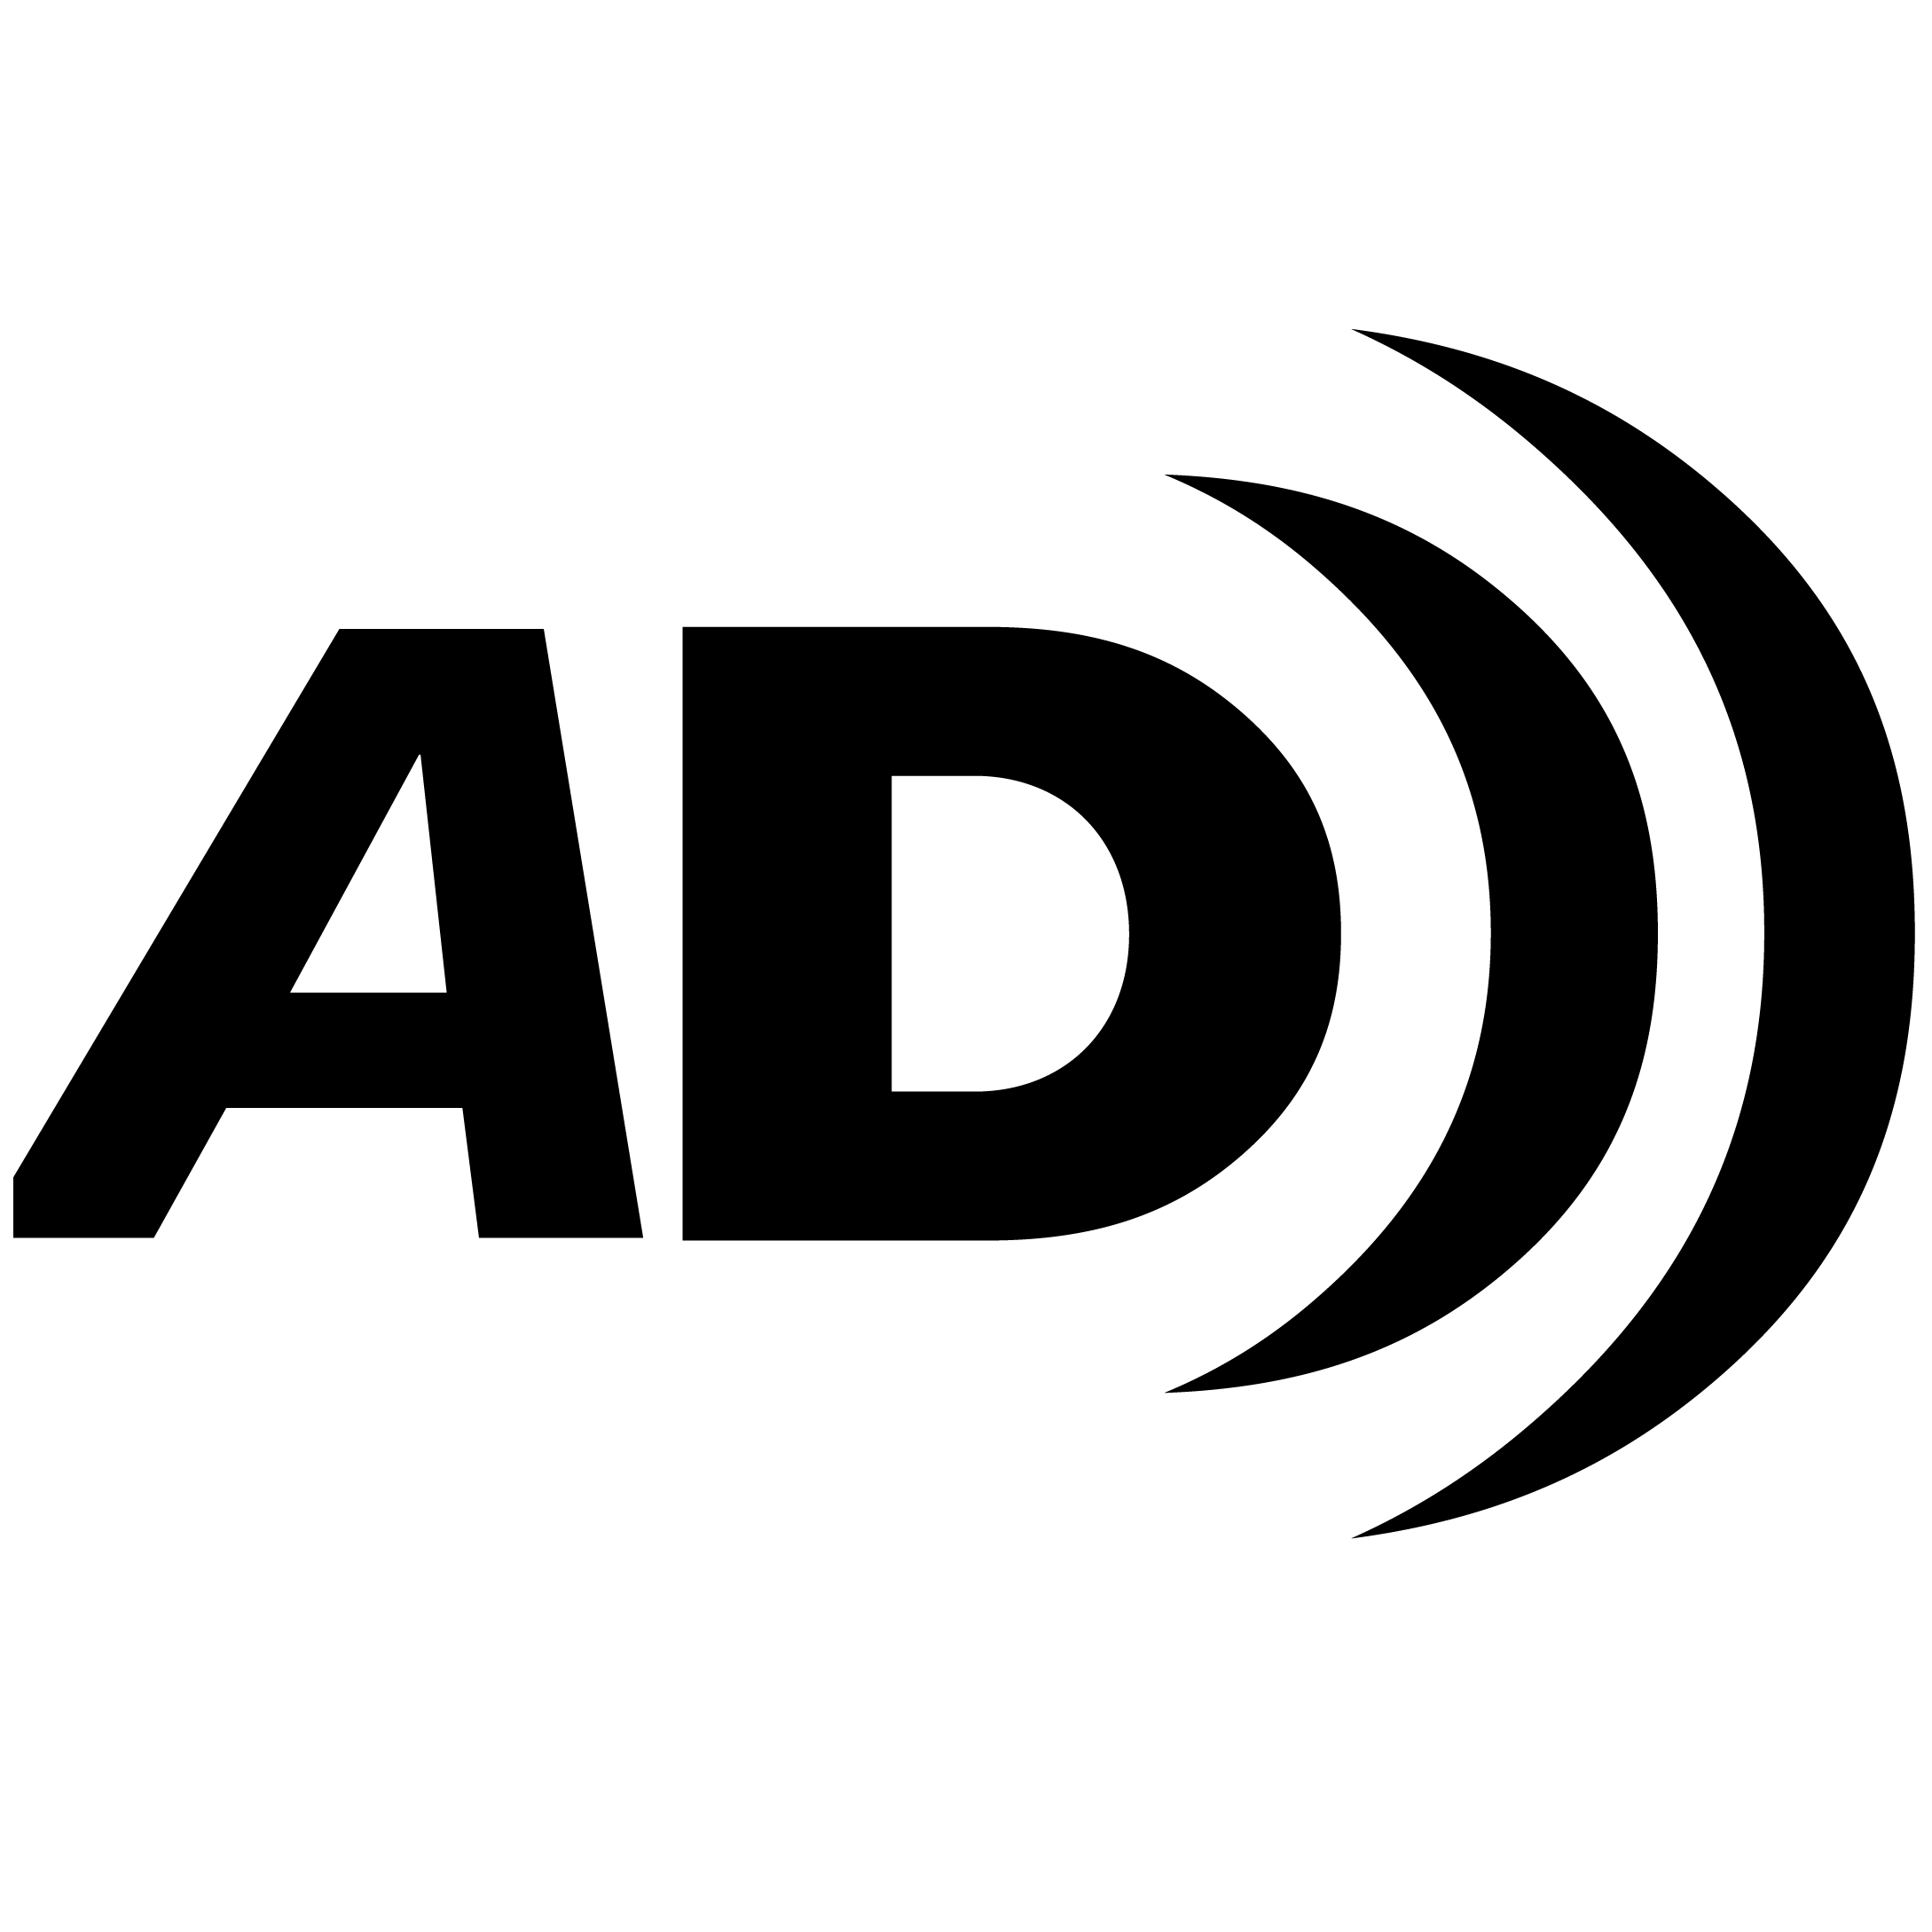 Audio Description Perscription